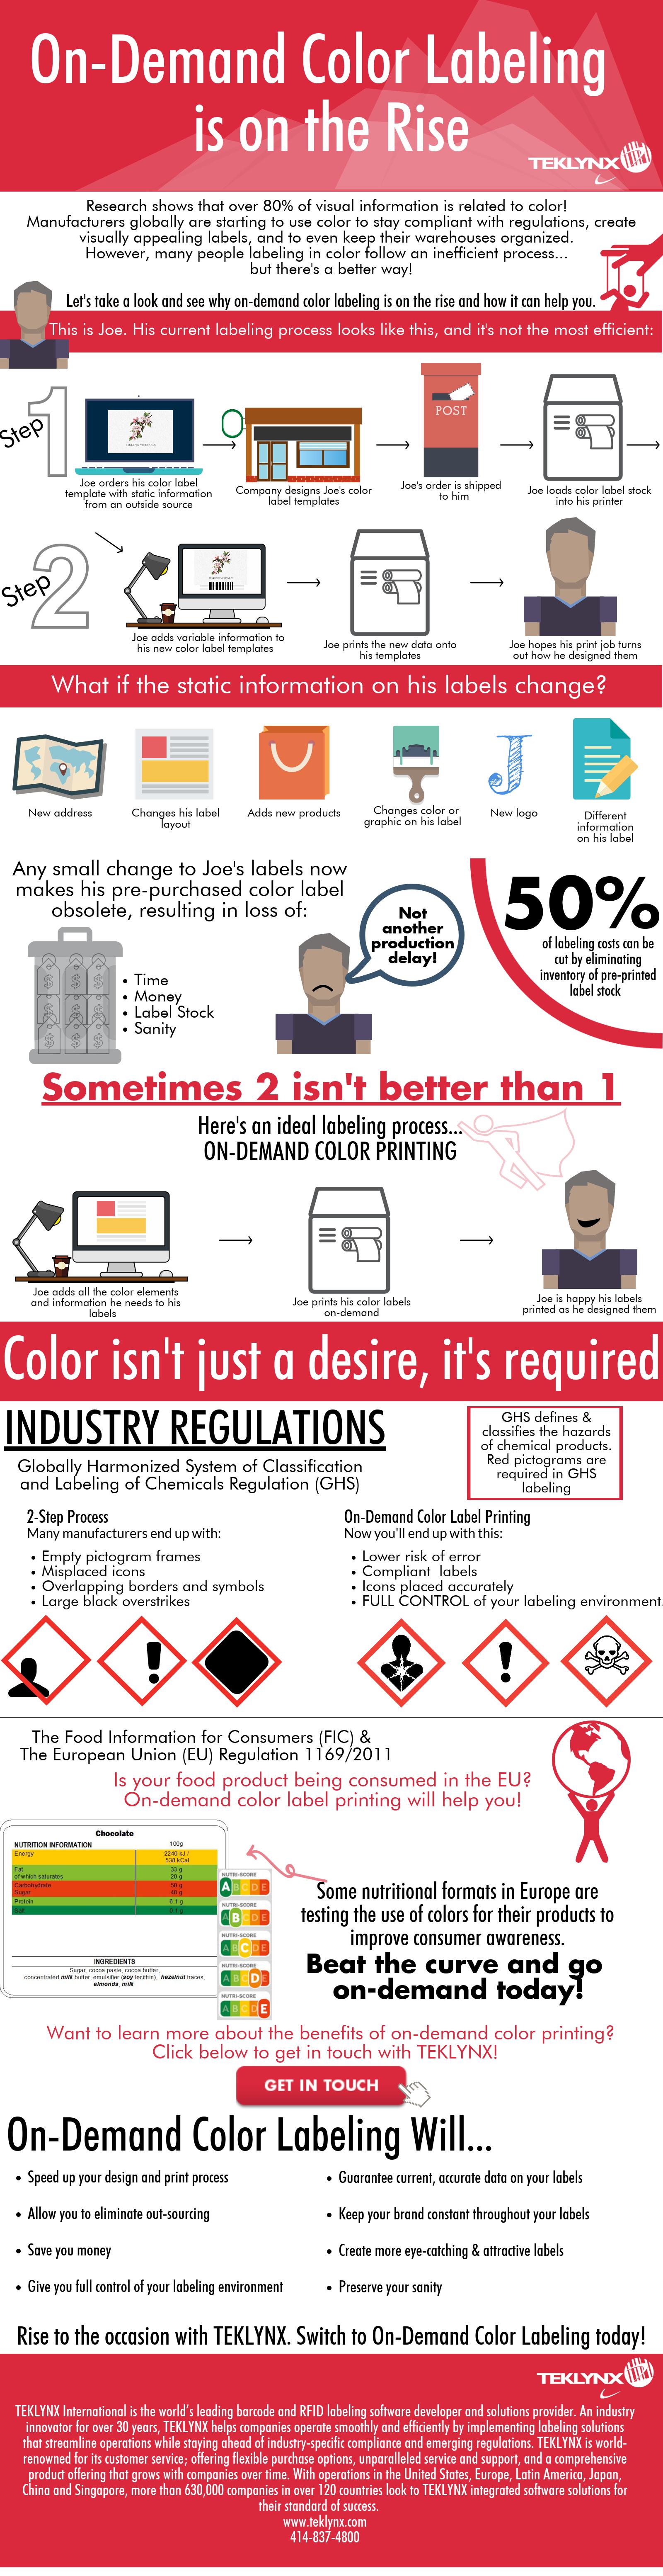 L'étiquetage des couleurs à la demande est à la hausse